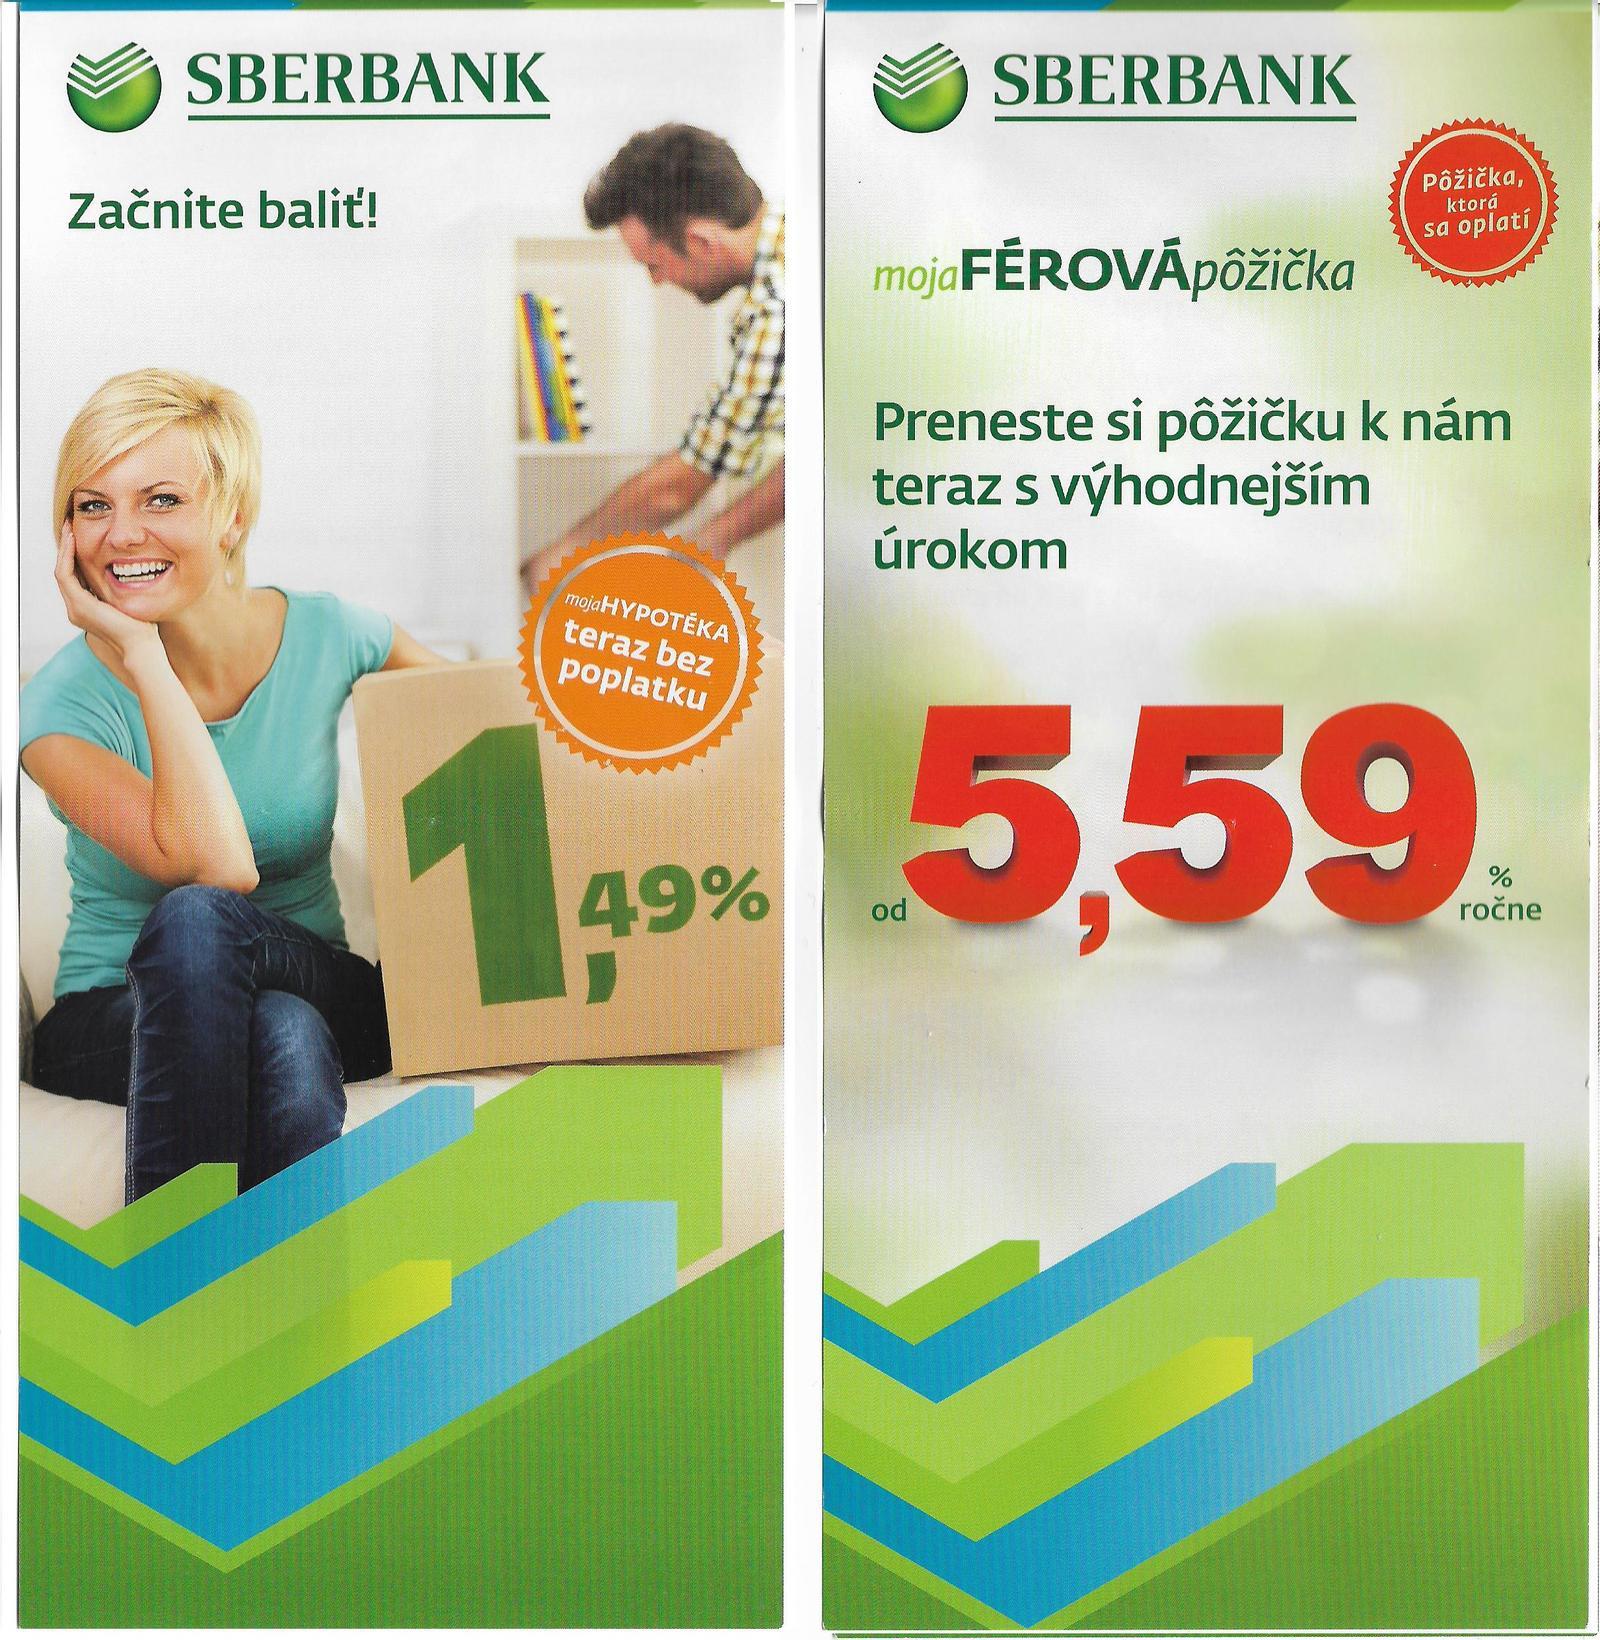 Сбербанк, который дает ипотеку под 1.5%   Пикабу